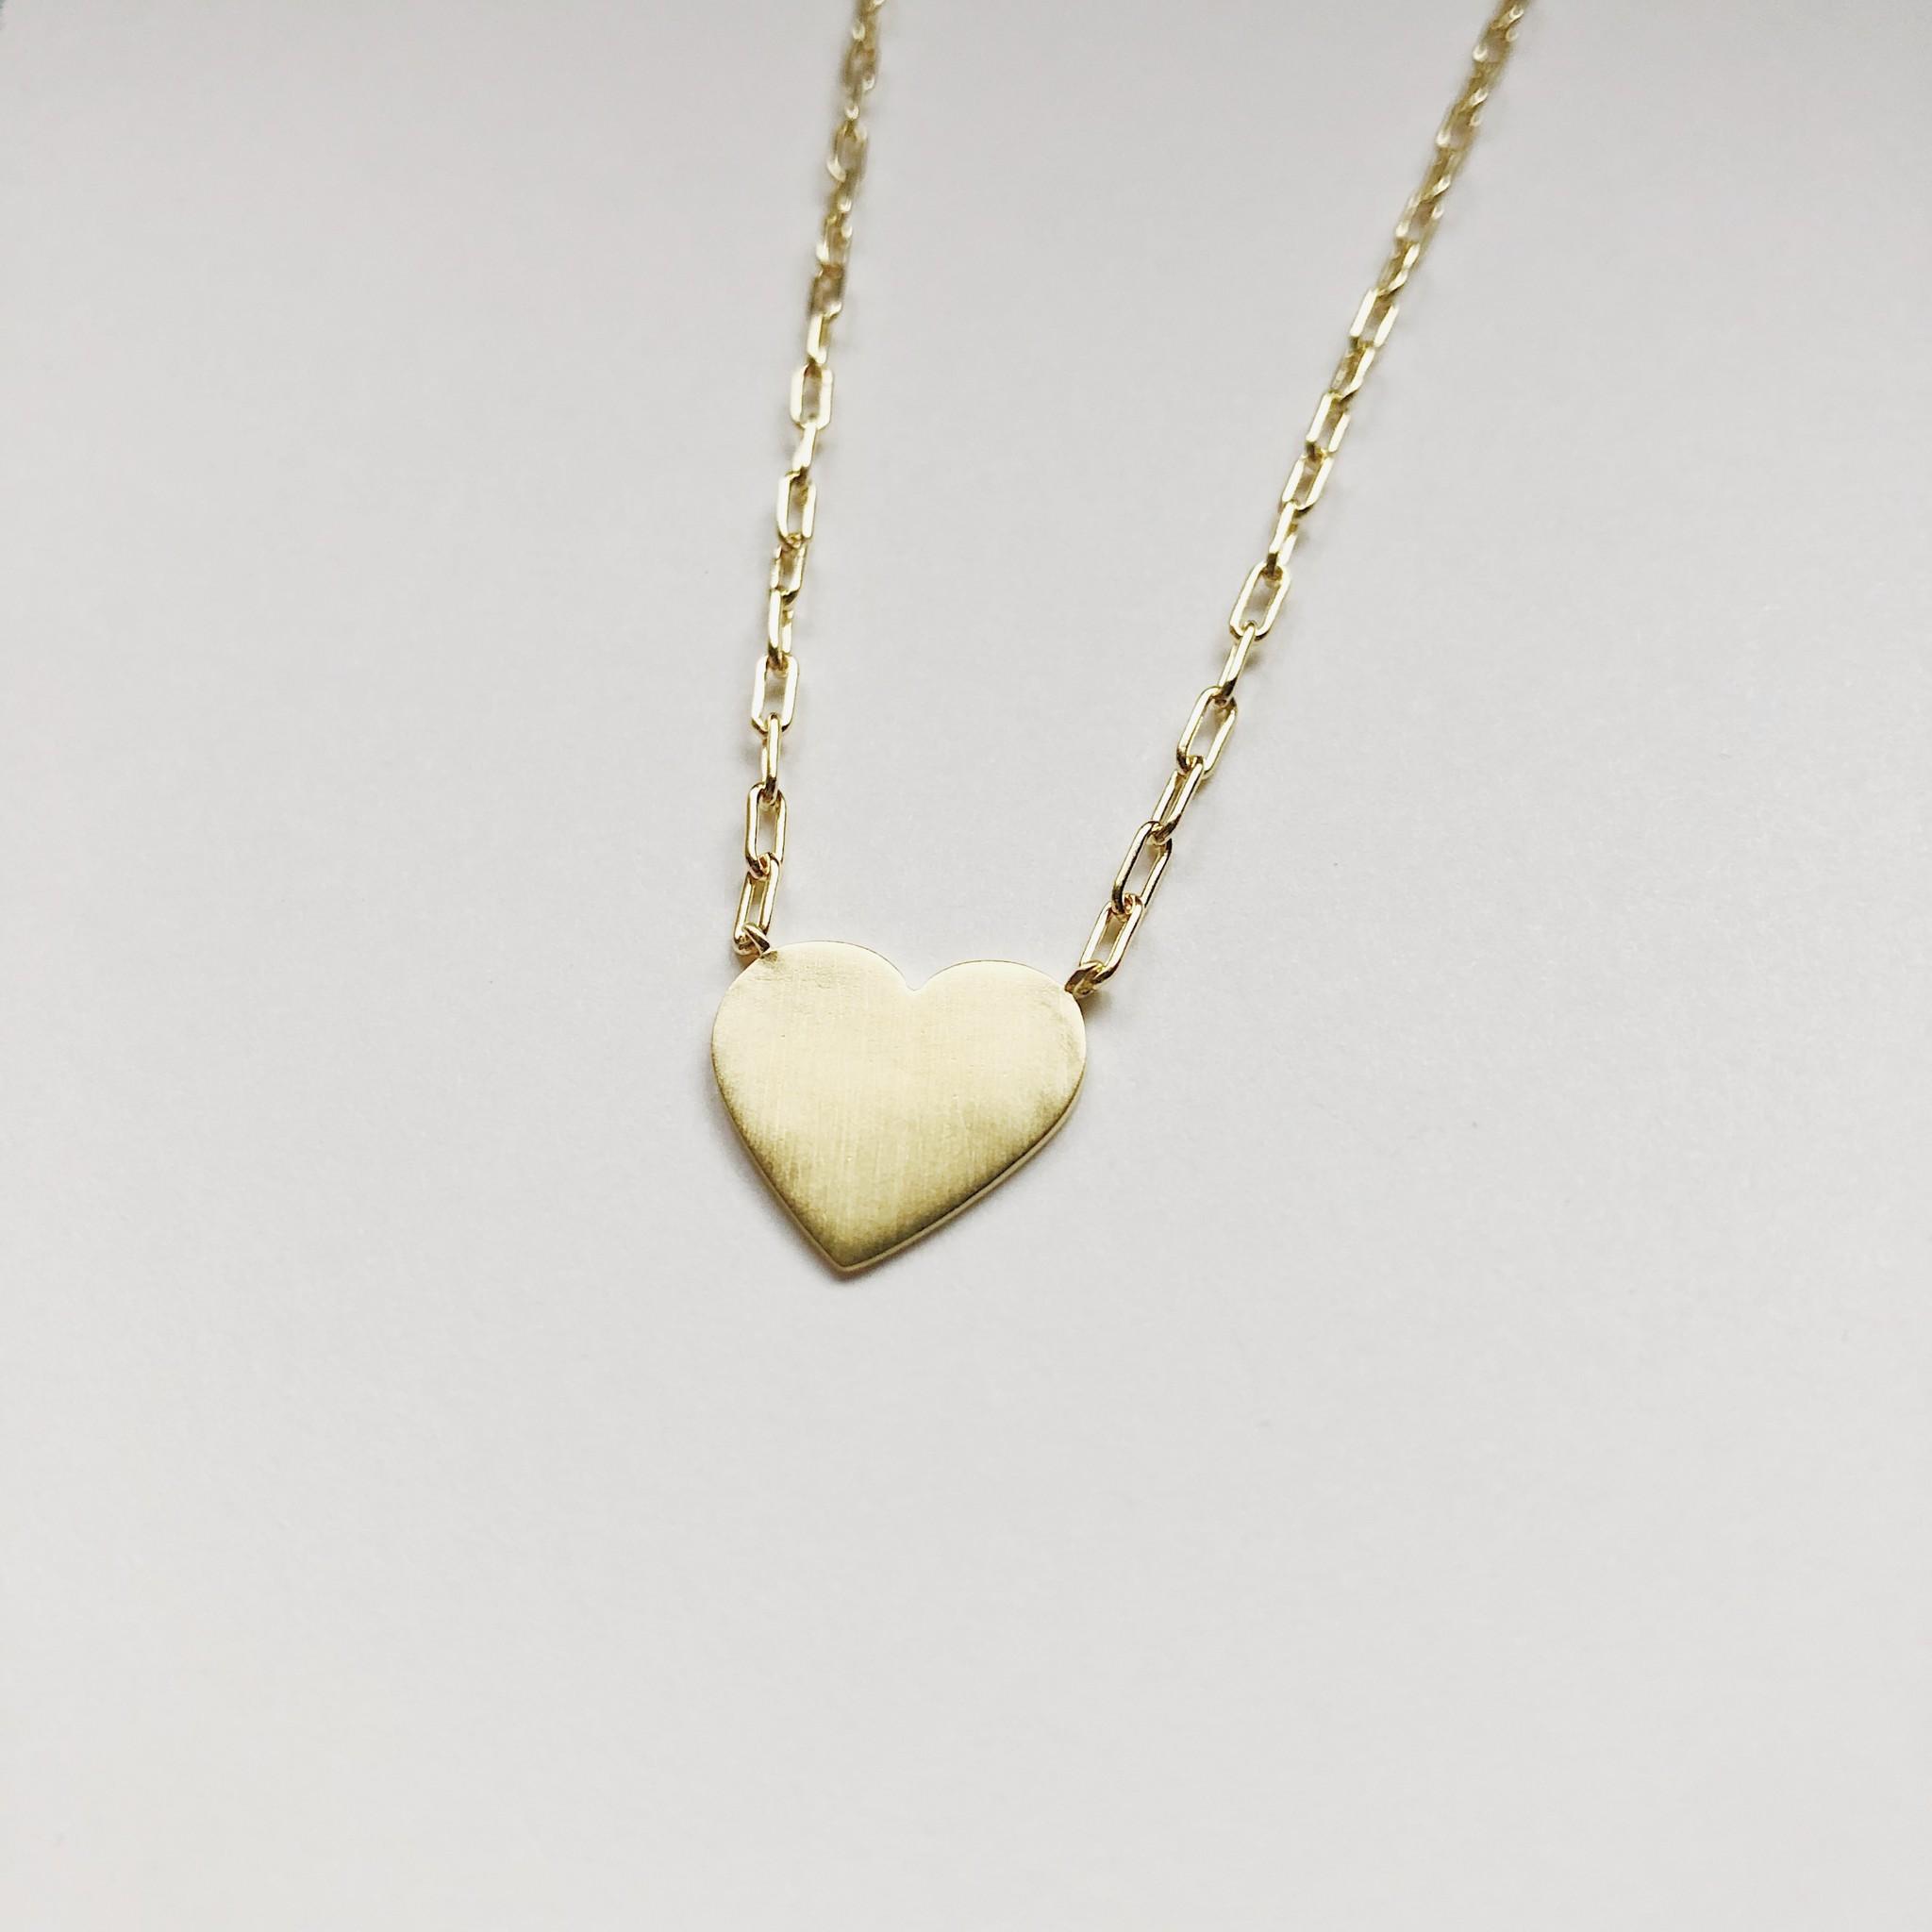 Tashi Brushed Gold Heart Necklace